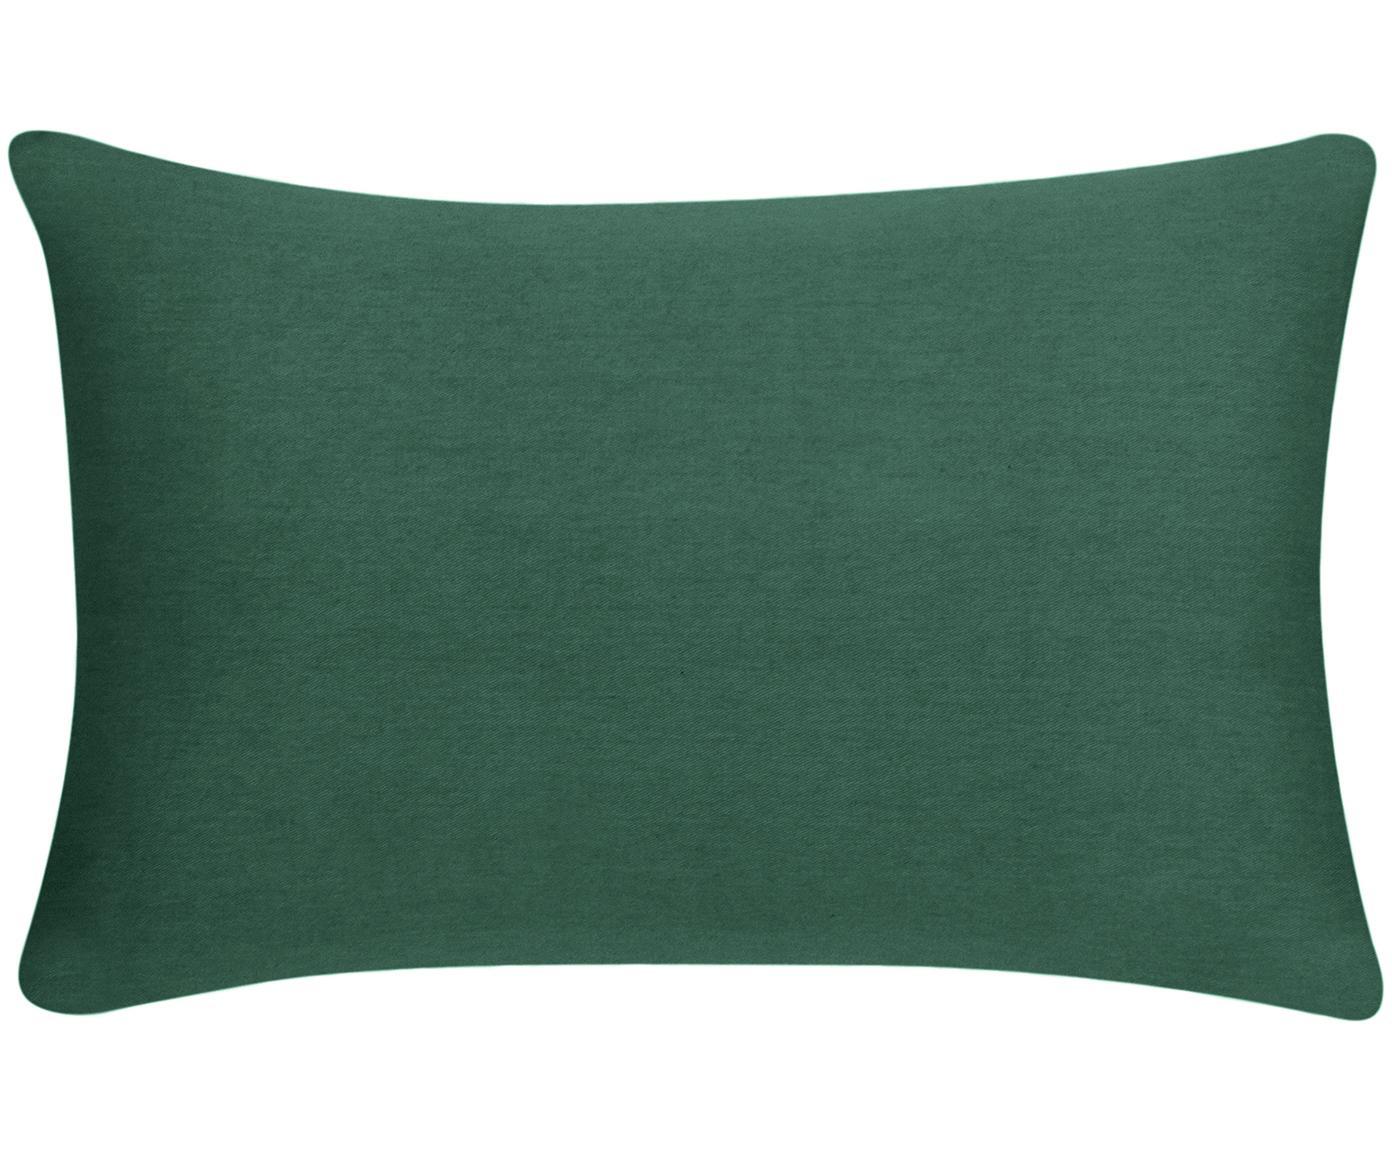 Poszewka na poduszkę z bawełny Mads, Bawełna, Zielony, S 30 x D 50 cm